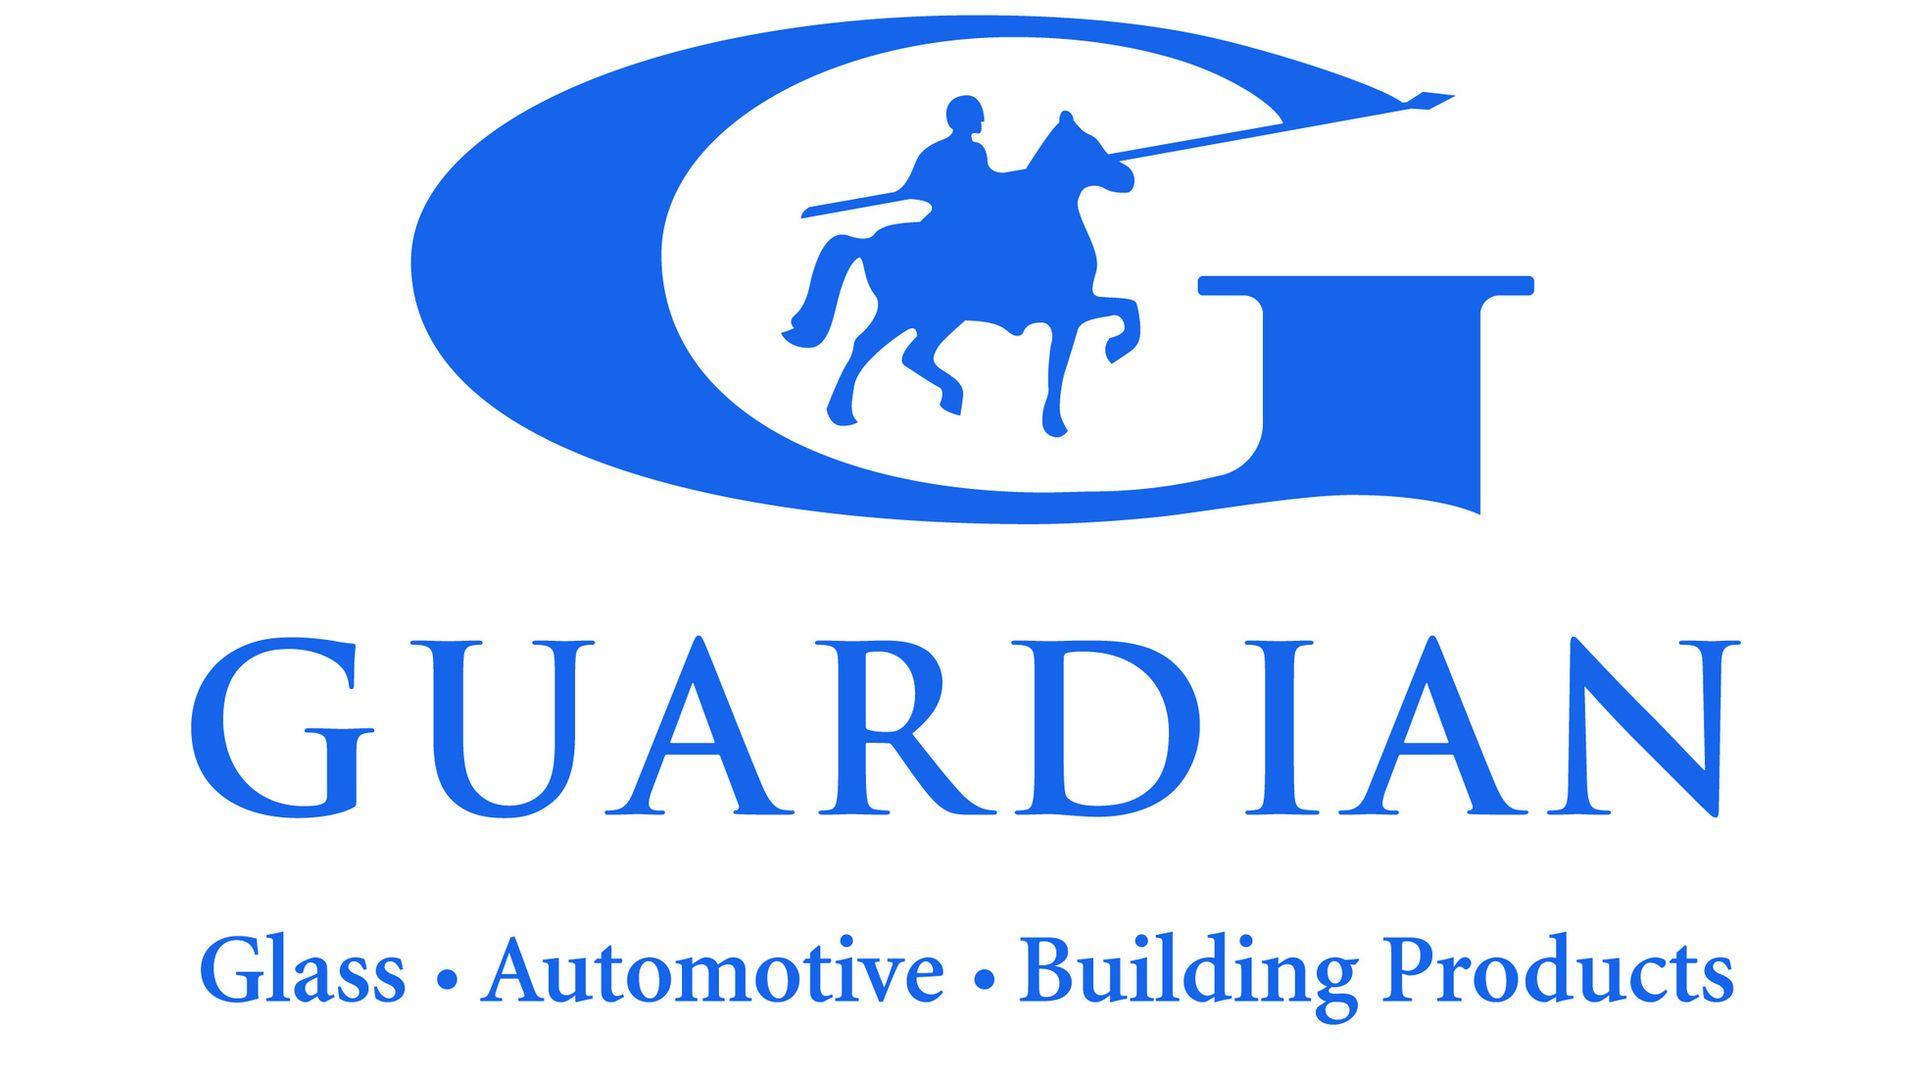 istoriya-vozniknoveniya-avtostekla-guardian-2